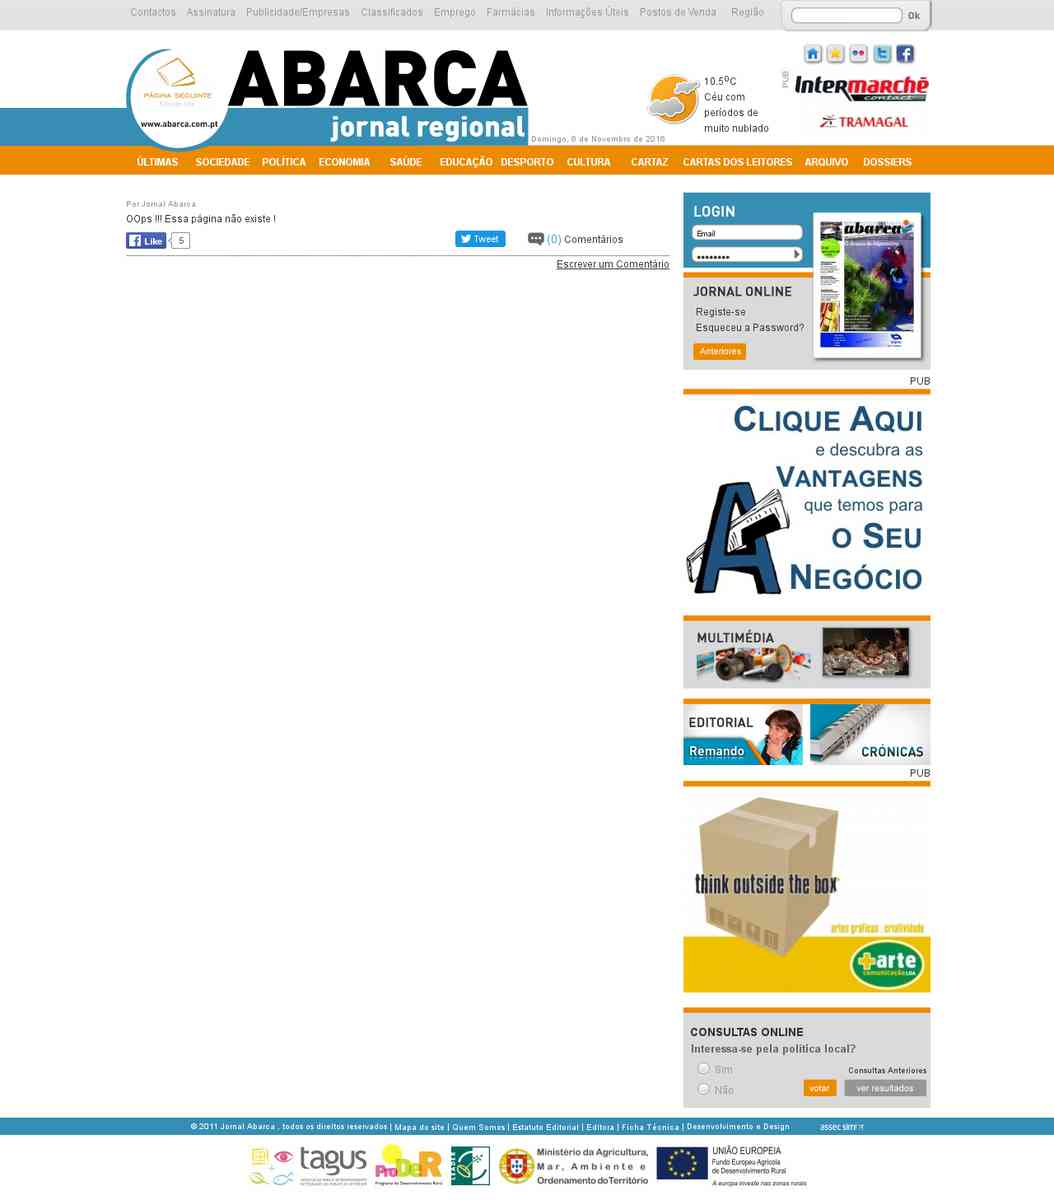 Universidade Aberta - Curso de Verão para jovens | Jornal Abarca